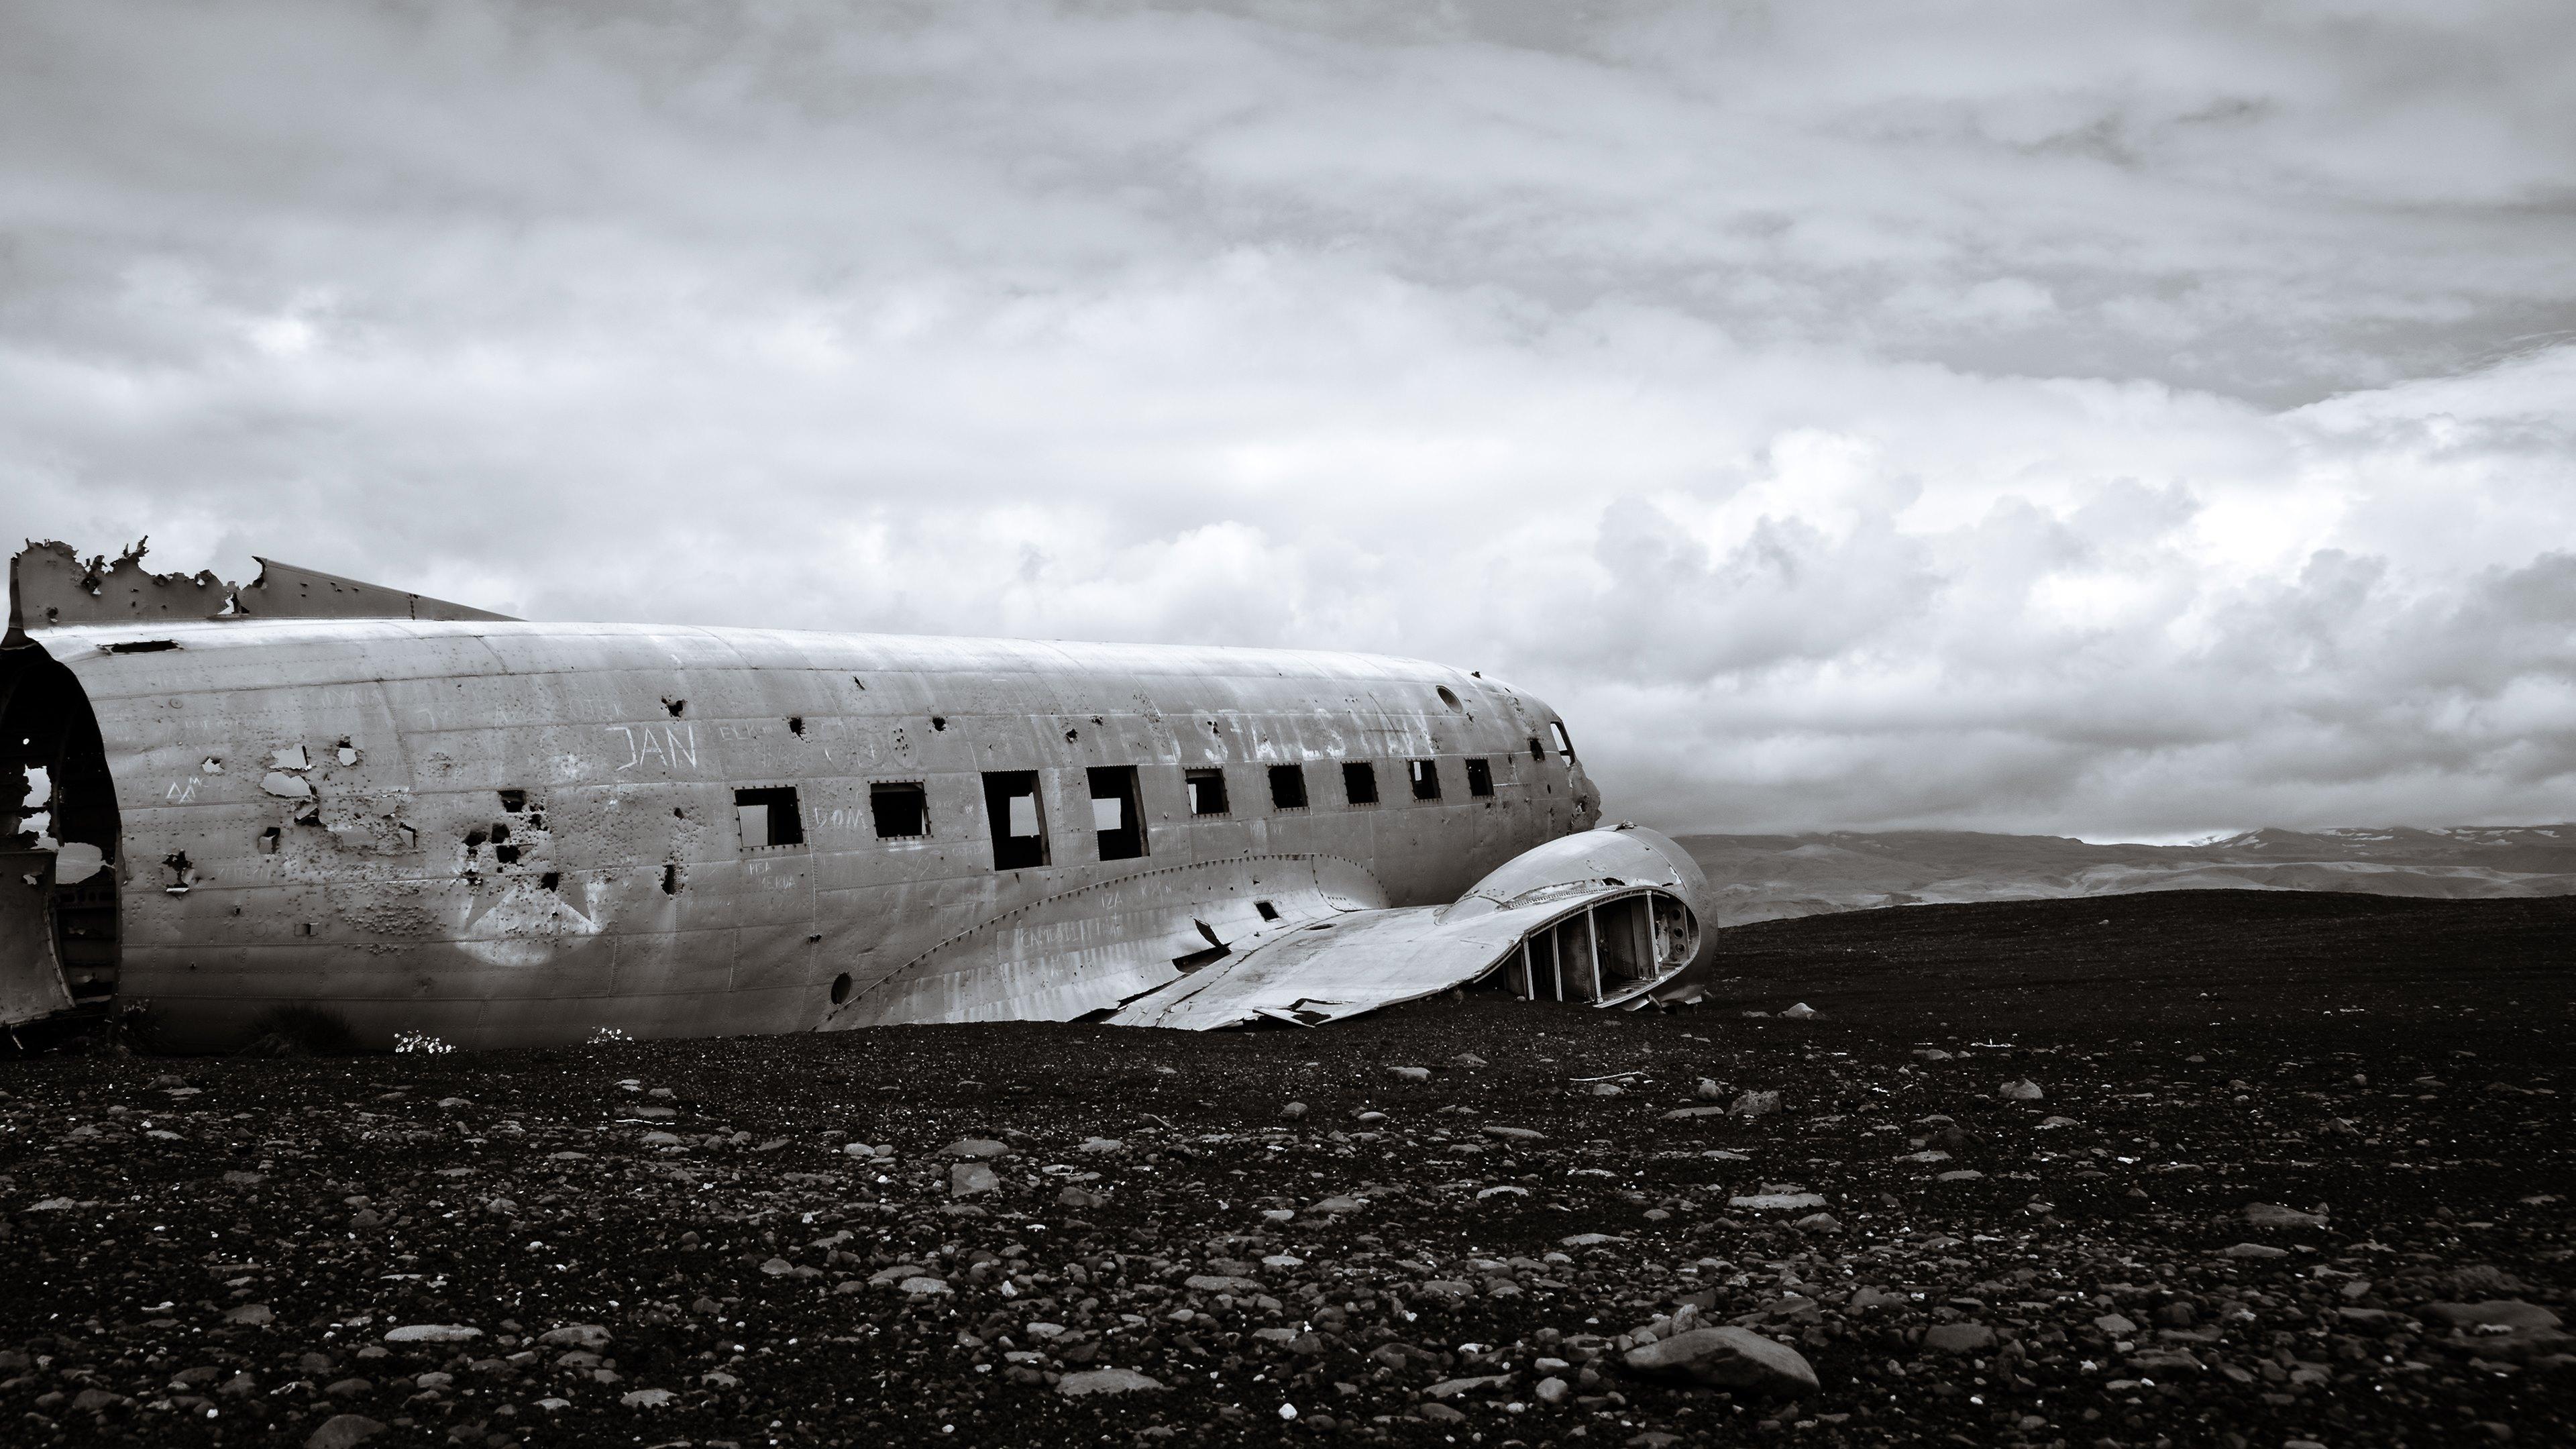 dc 3 plane wreck wallpaper hd wallpapers